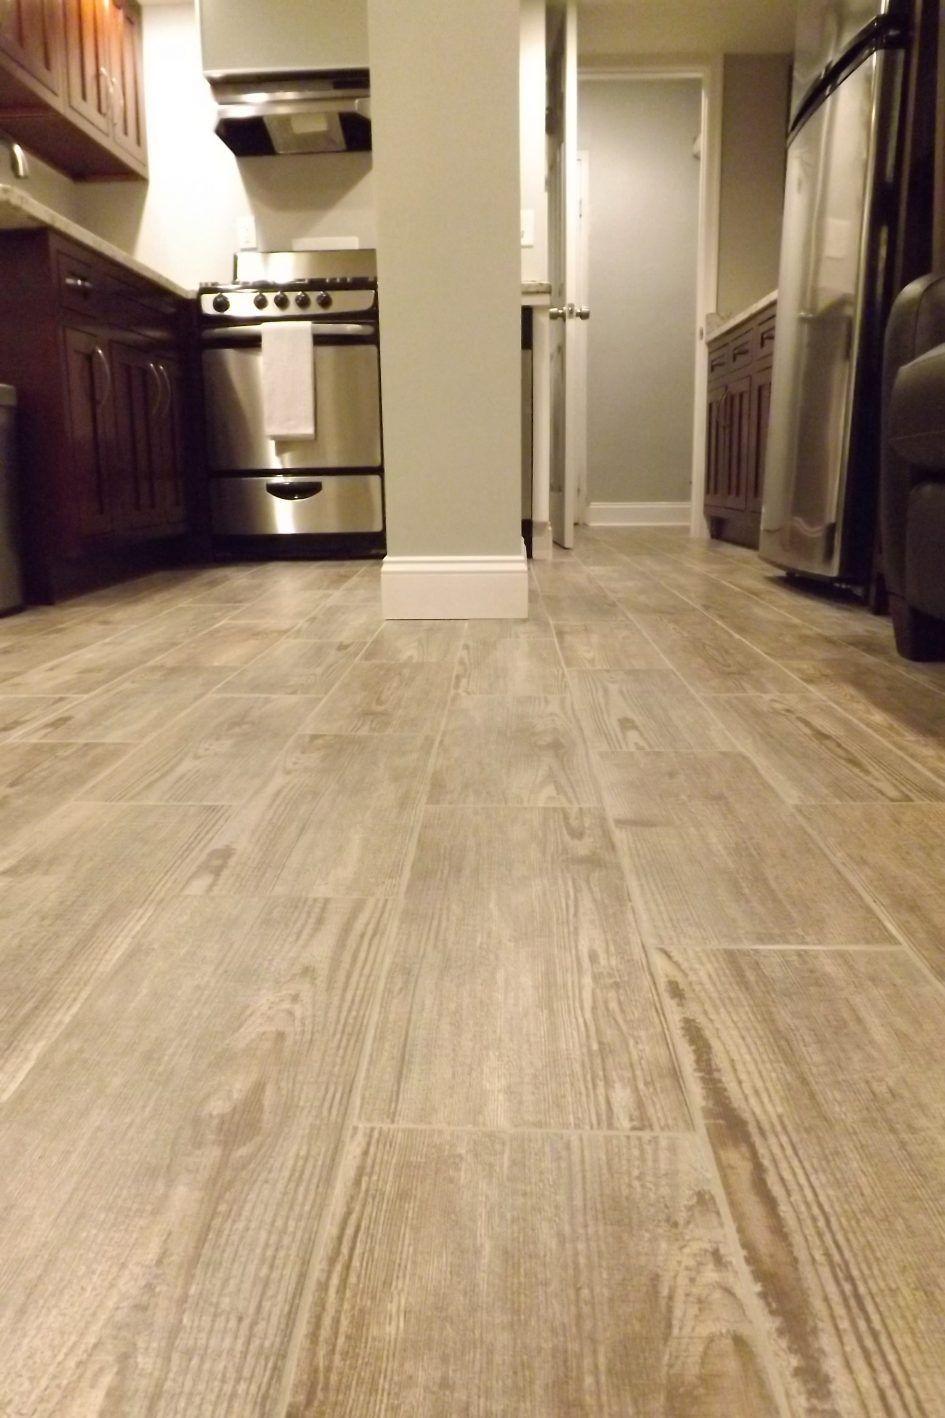 hardwood flooring kitchener waterloo of ceramic floor tile that looks like wood flooring remodel for ceramic floor tile that looks like wood flooring remodel pinterest ceramic floor tiles woods and flooring ideas